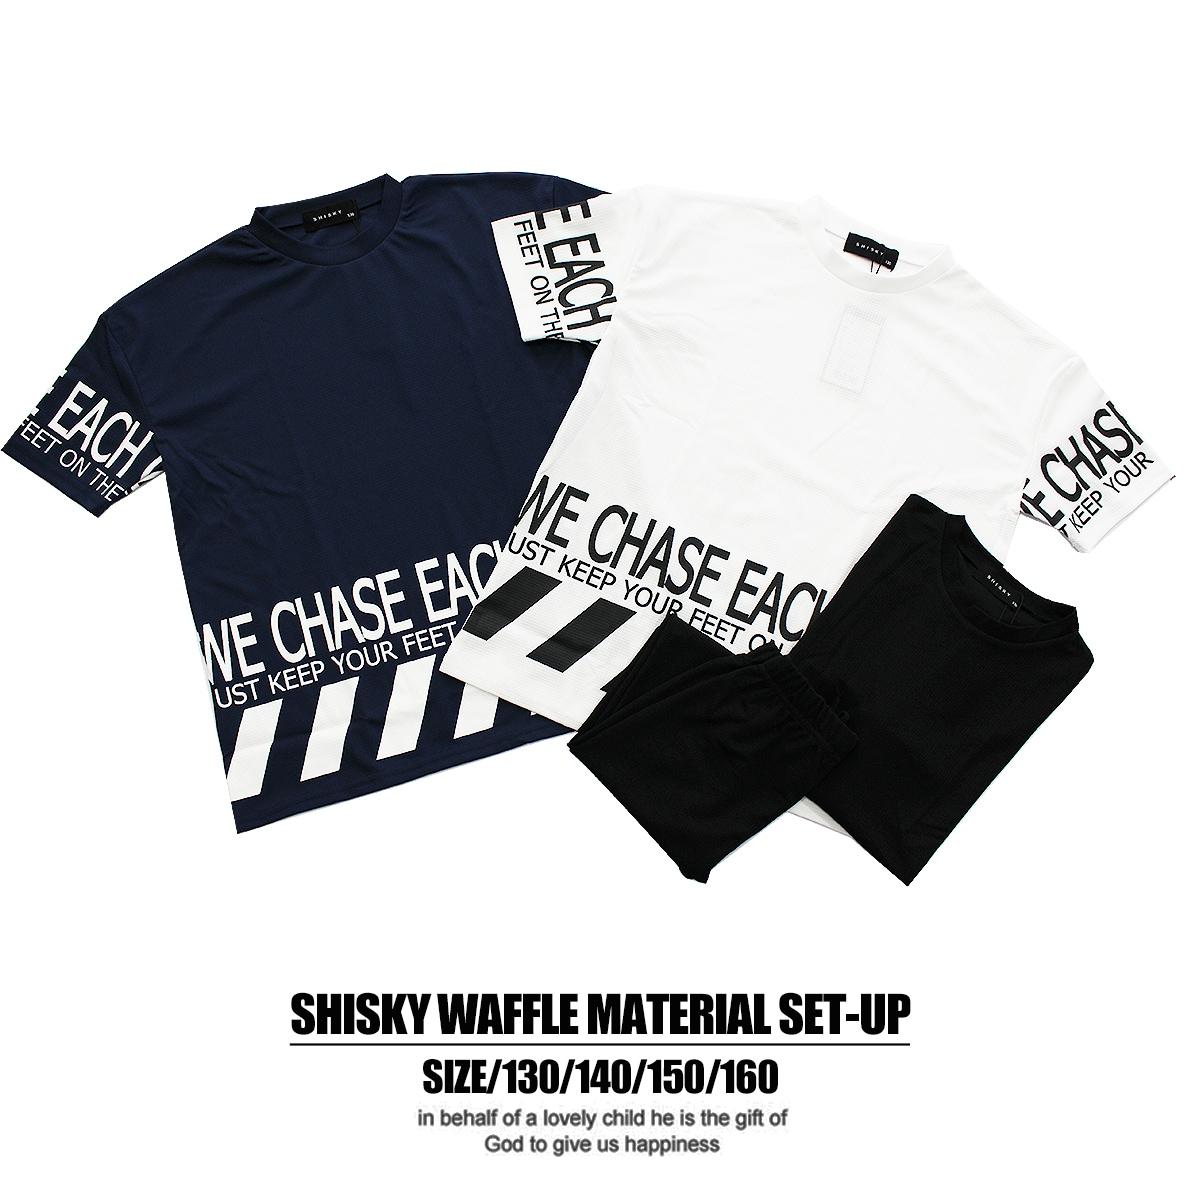 SHISKYワッフル素材半袖Tシャツ×レギンスセットアップ